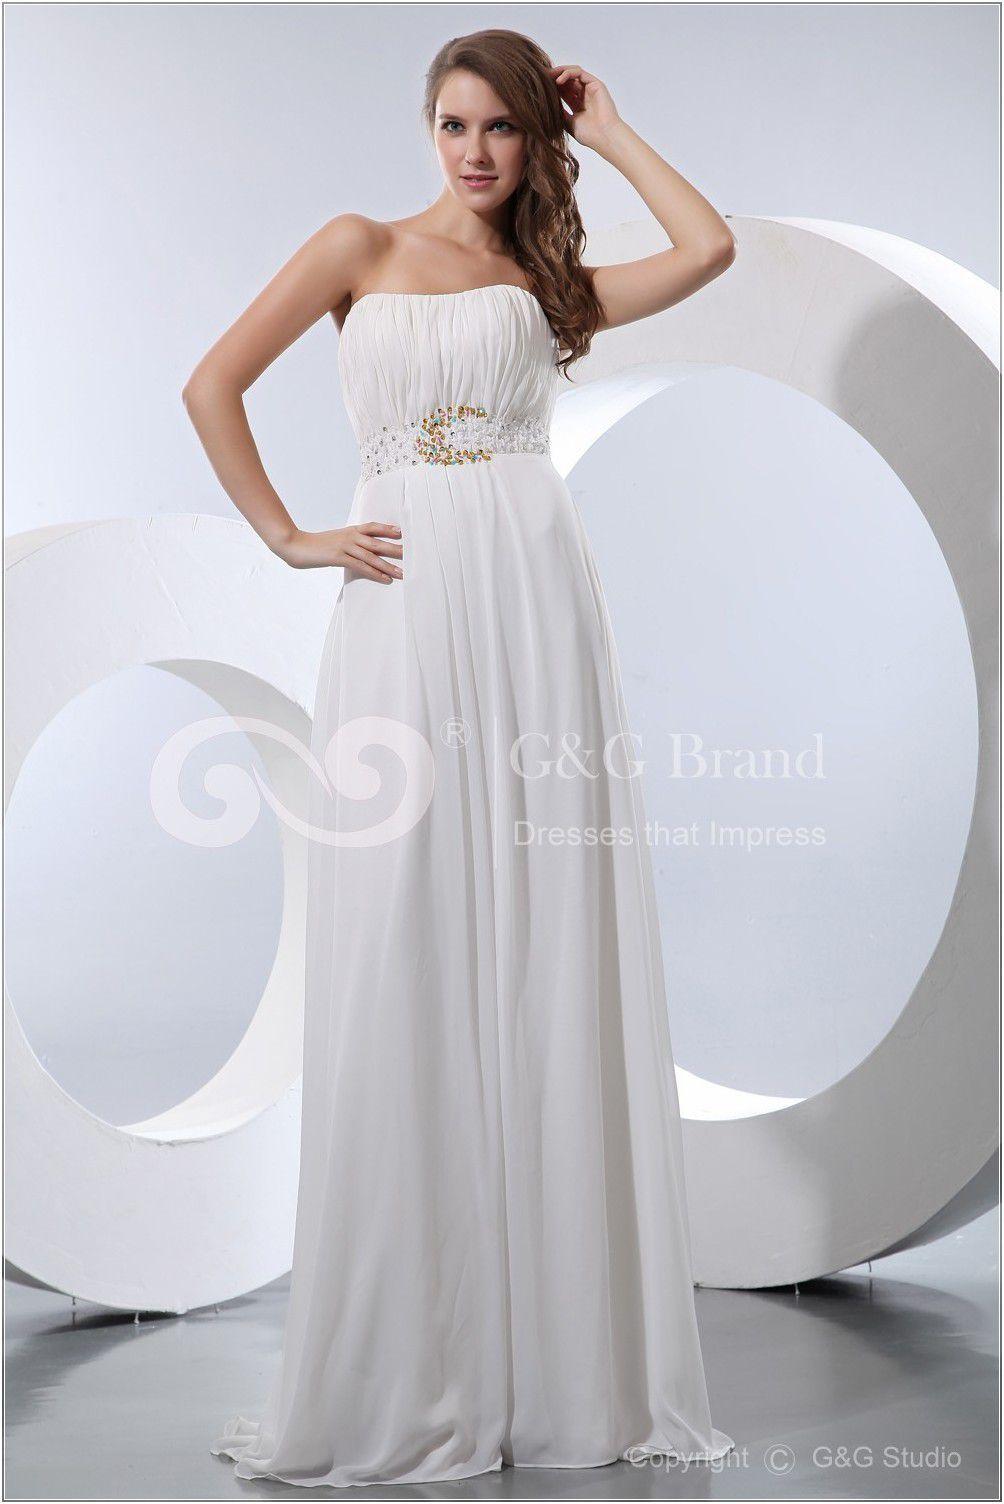 Plus Size Wedding Dresses Plus Size Bridesmaids Dresses Under 100 ...